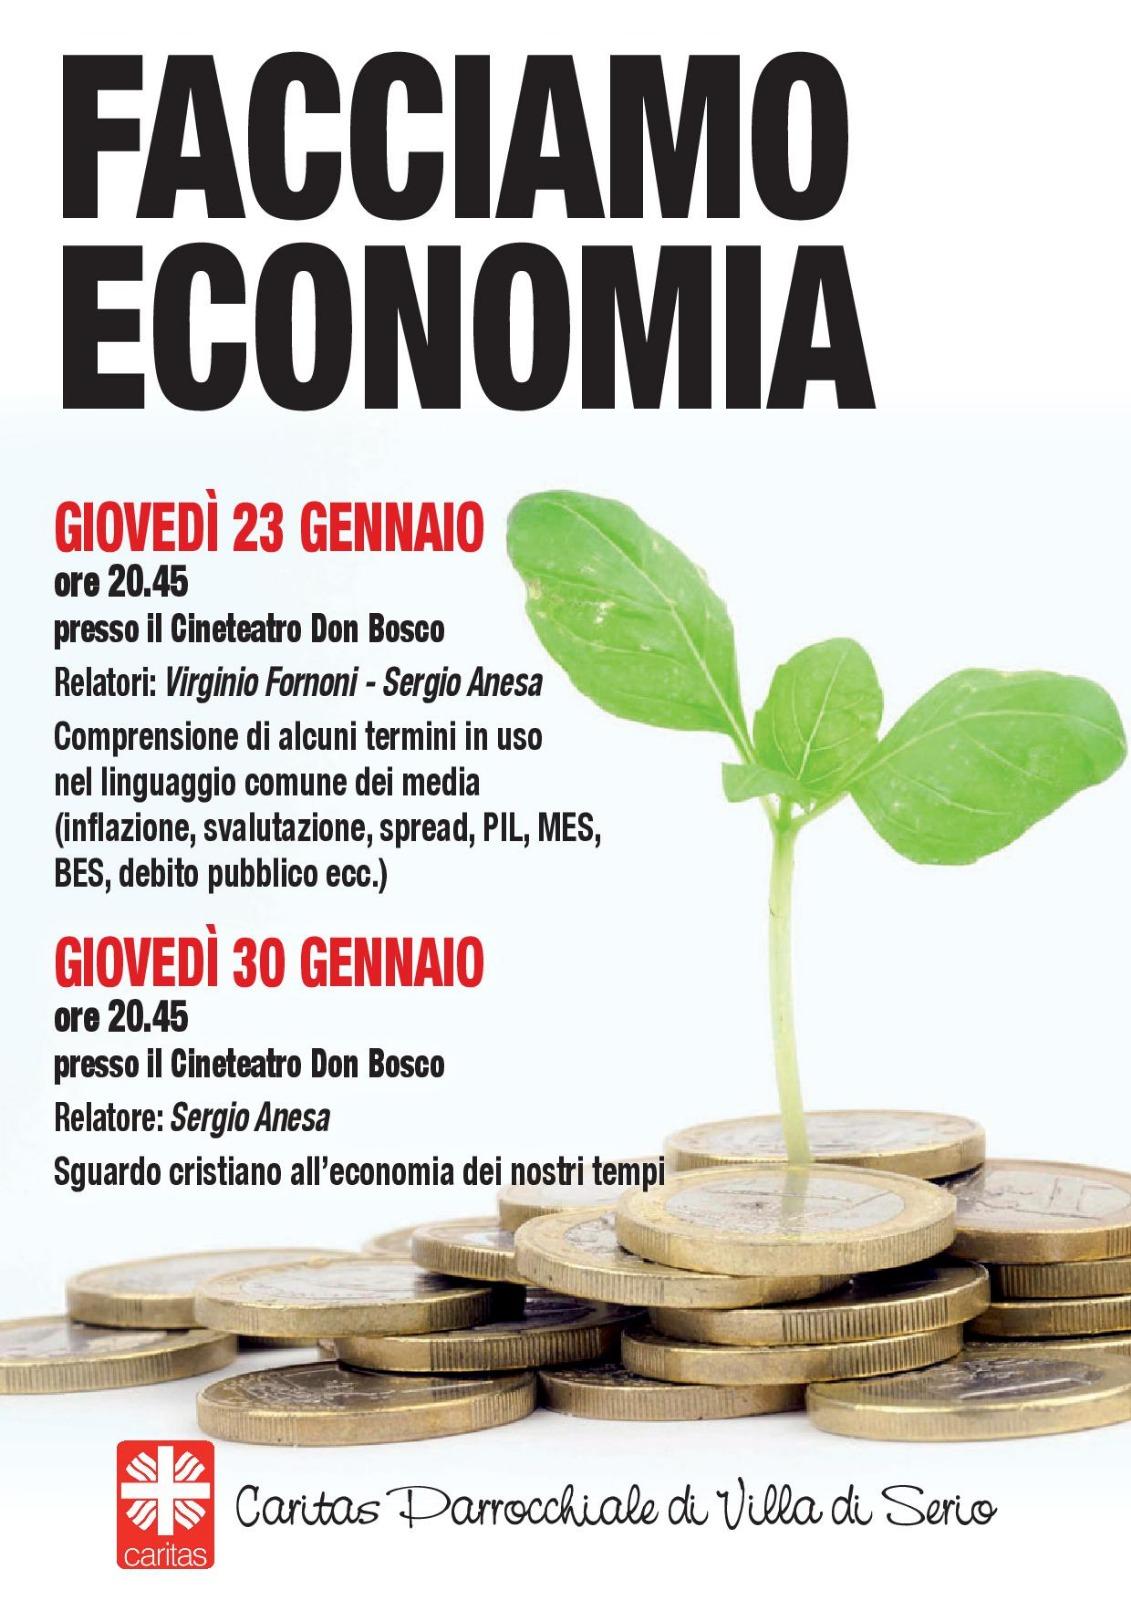 Facciamo economia